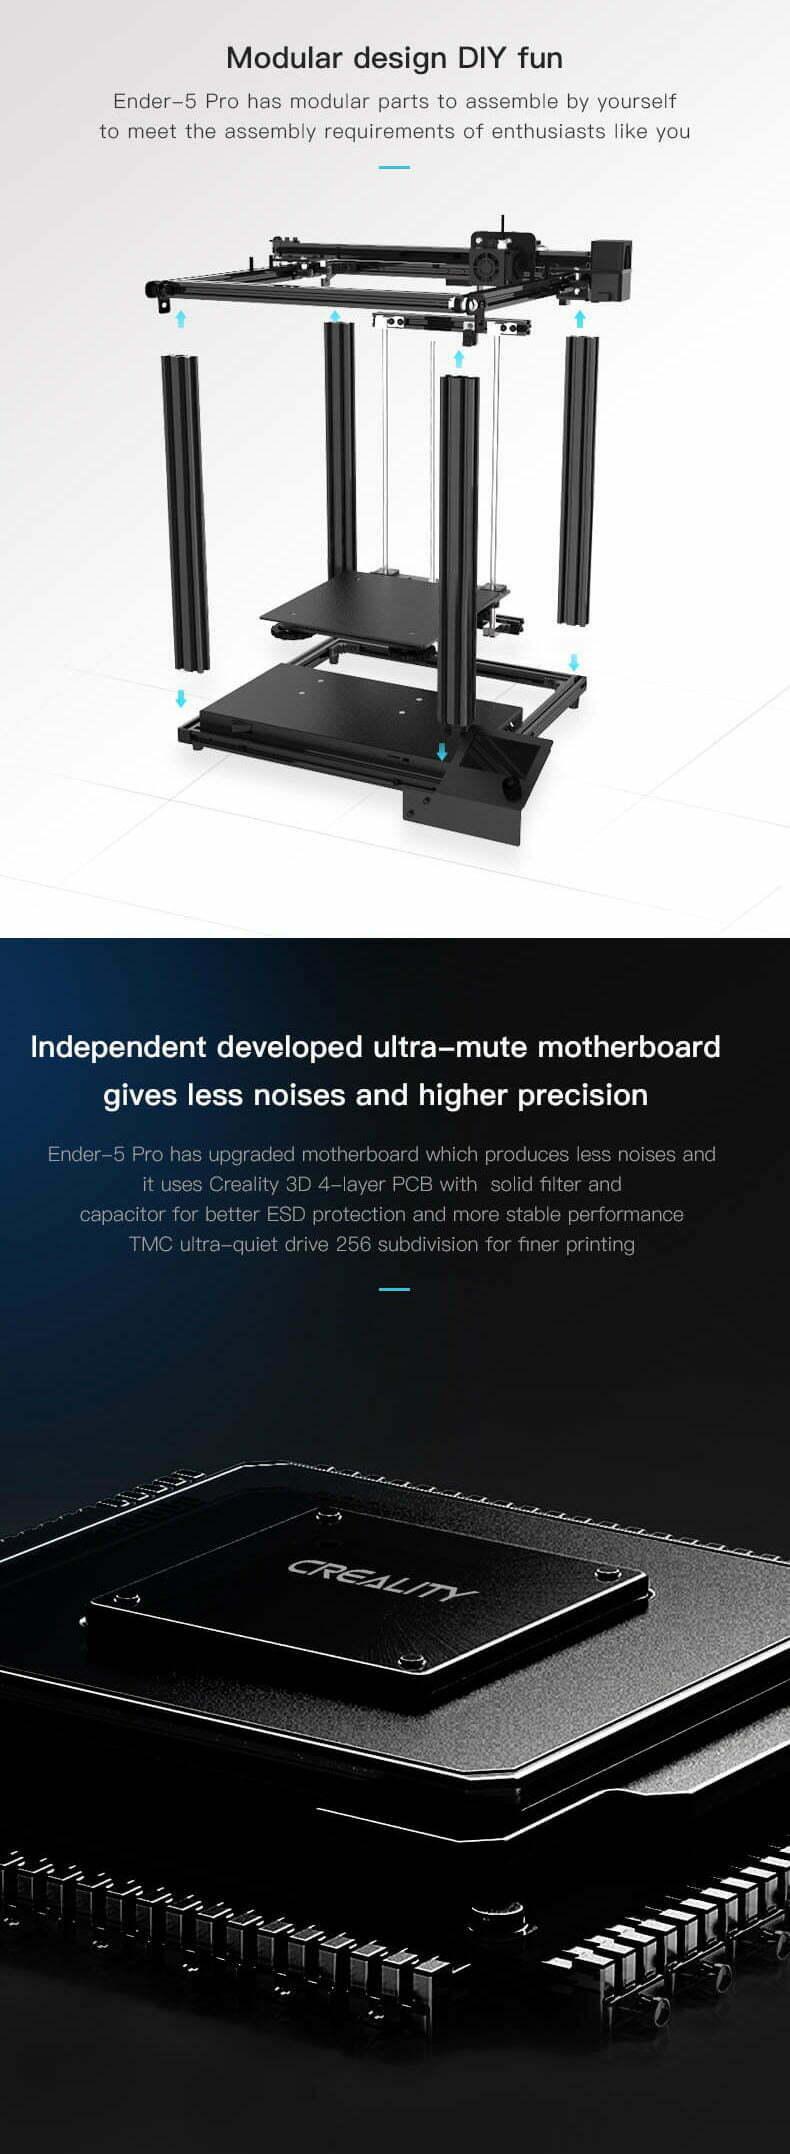 Det er nemt at samle denne lydsvage 3D-printer